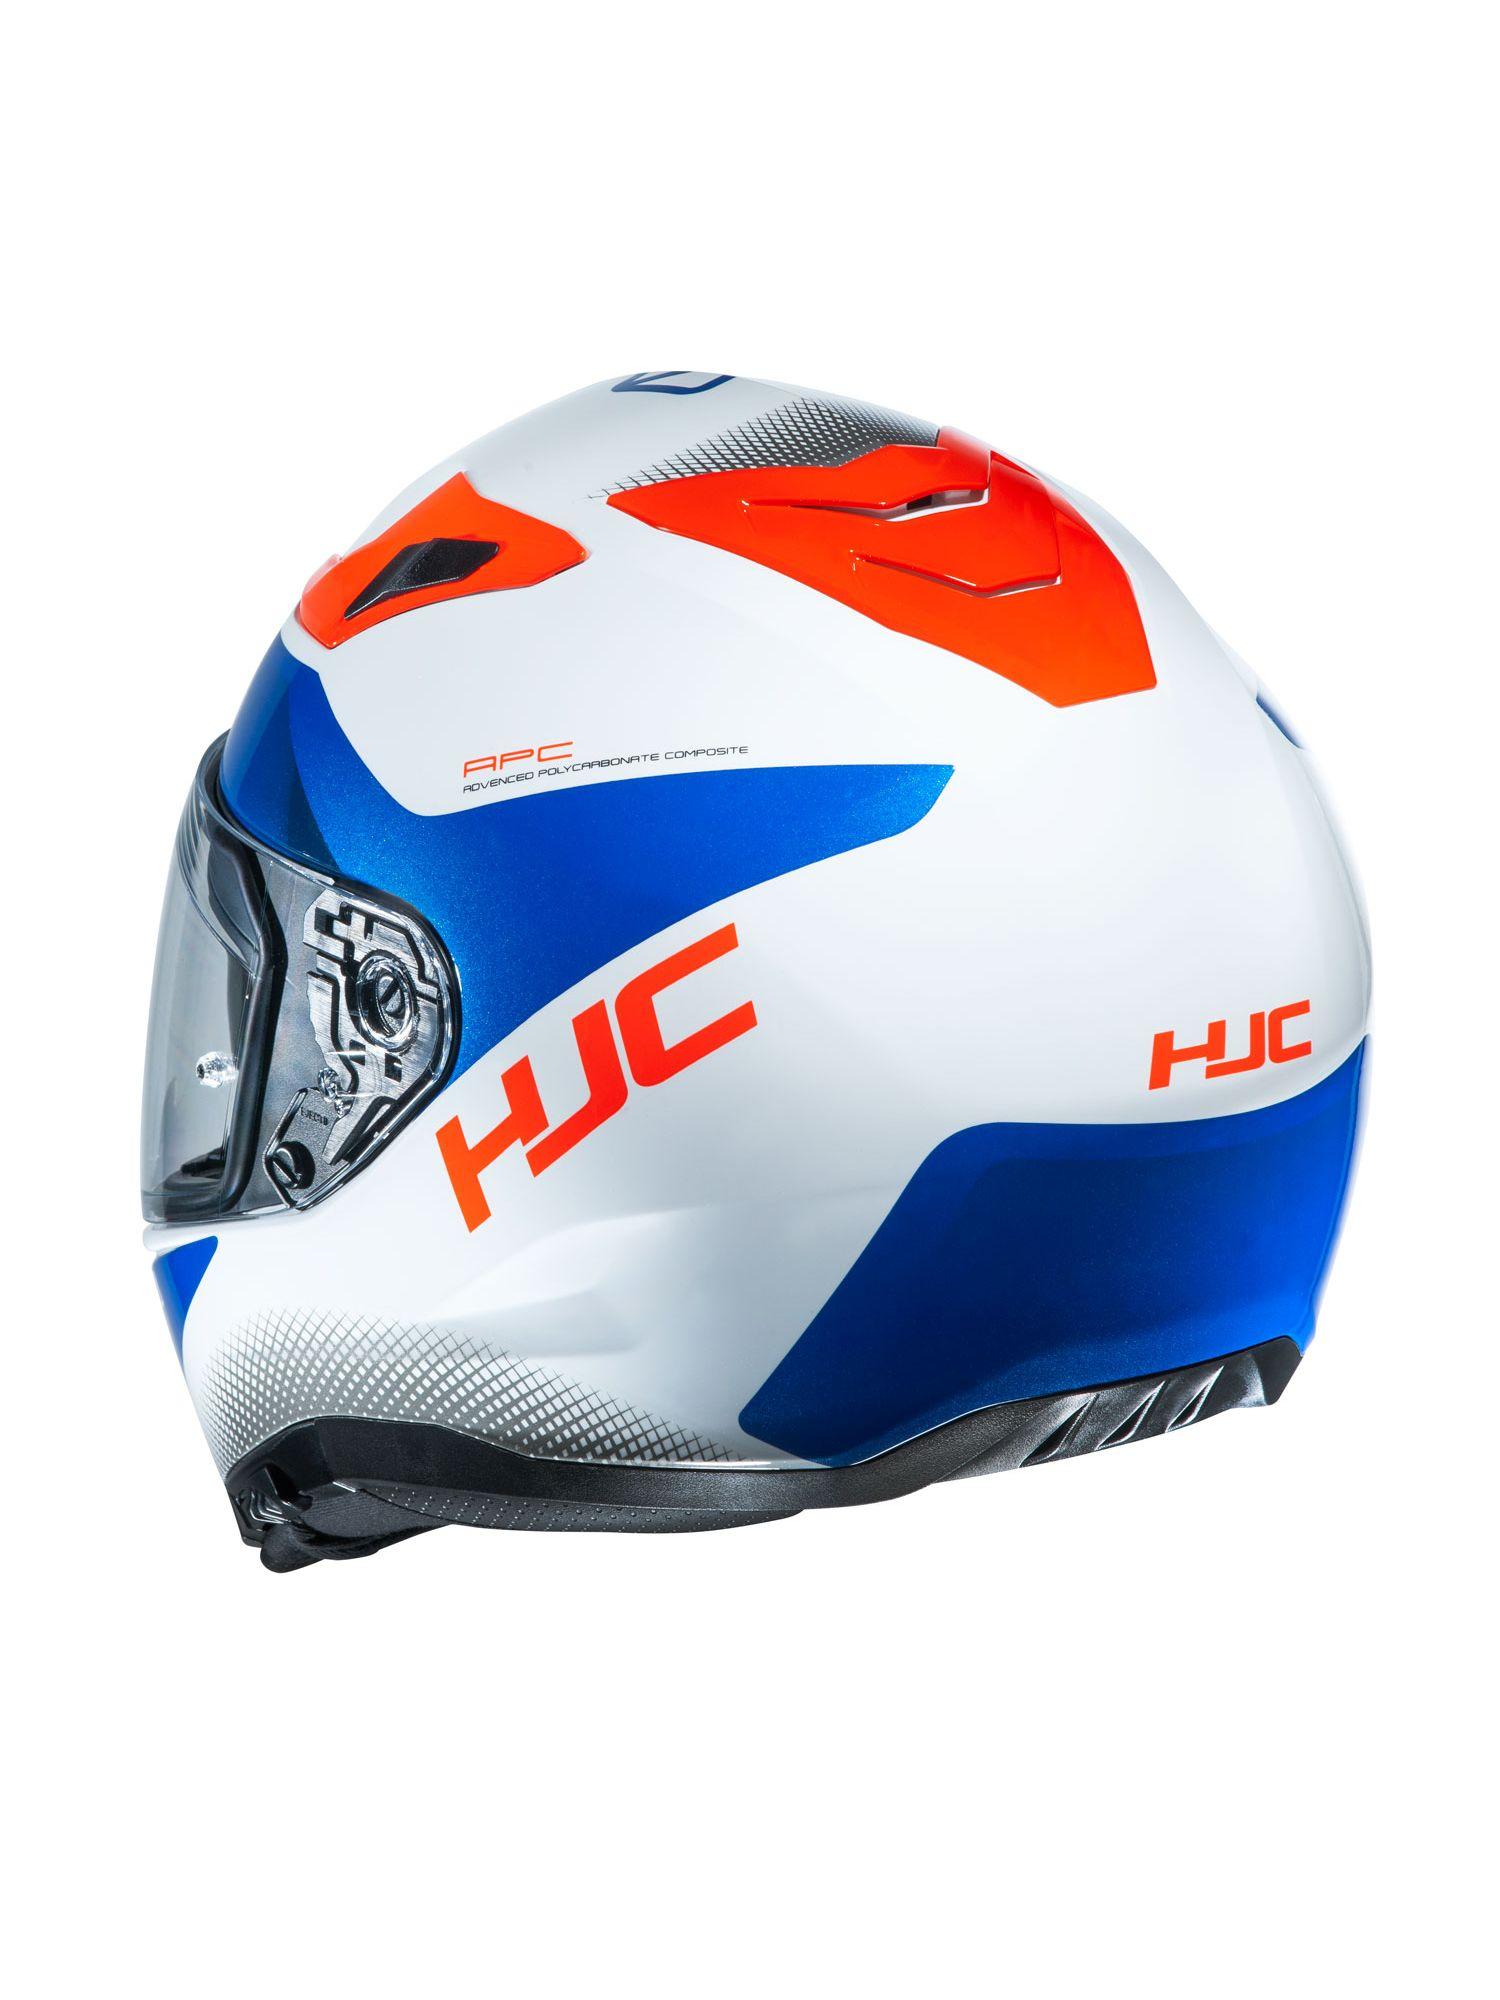 HJH193|i70 タス[3colors]